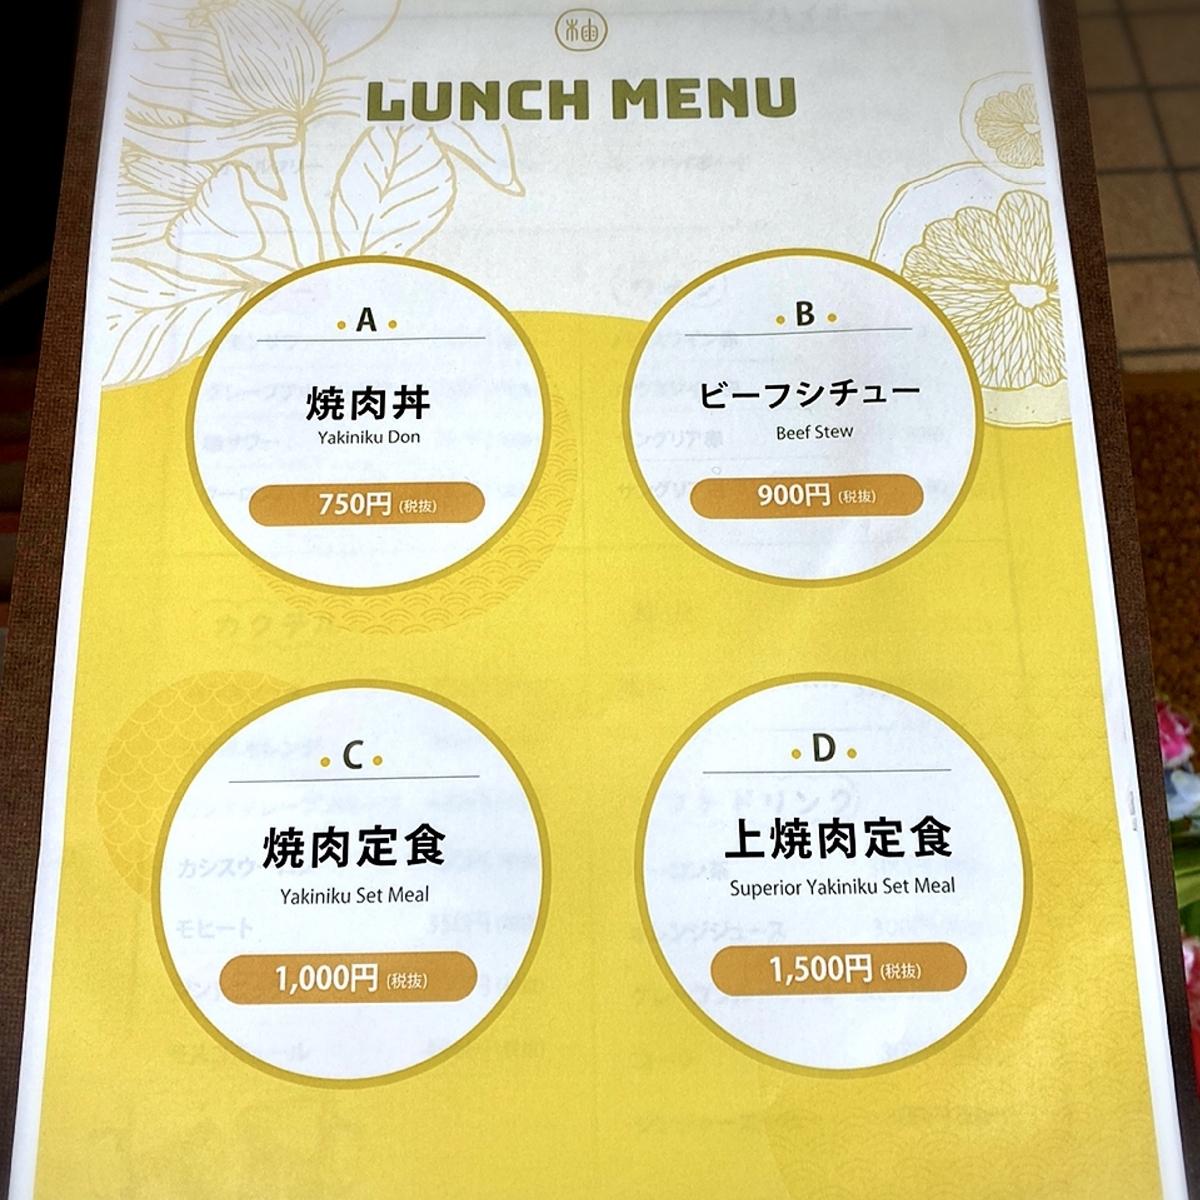 「無煙焼肉 柚(yuzu)」のランチメニューと値段